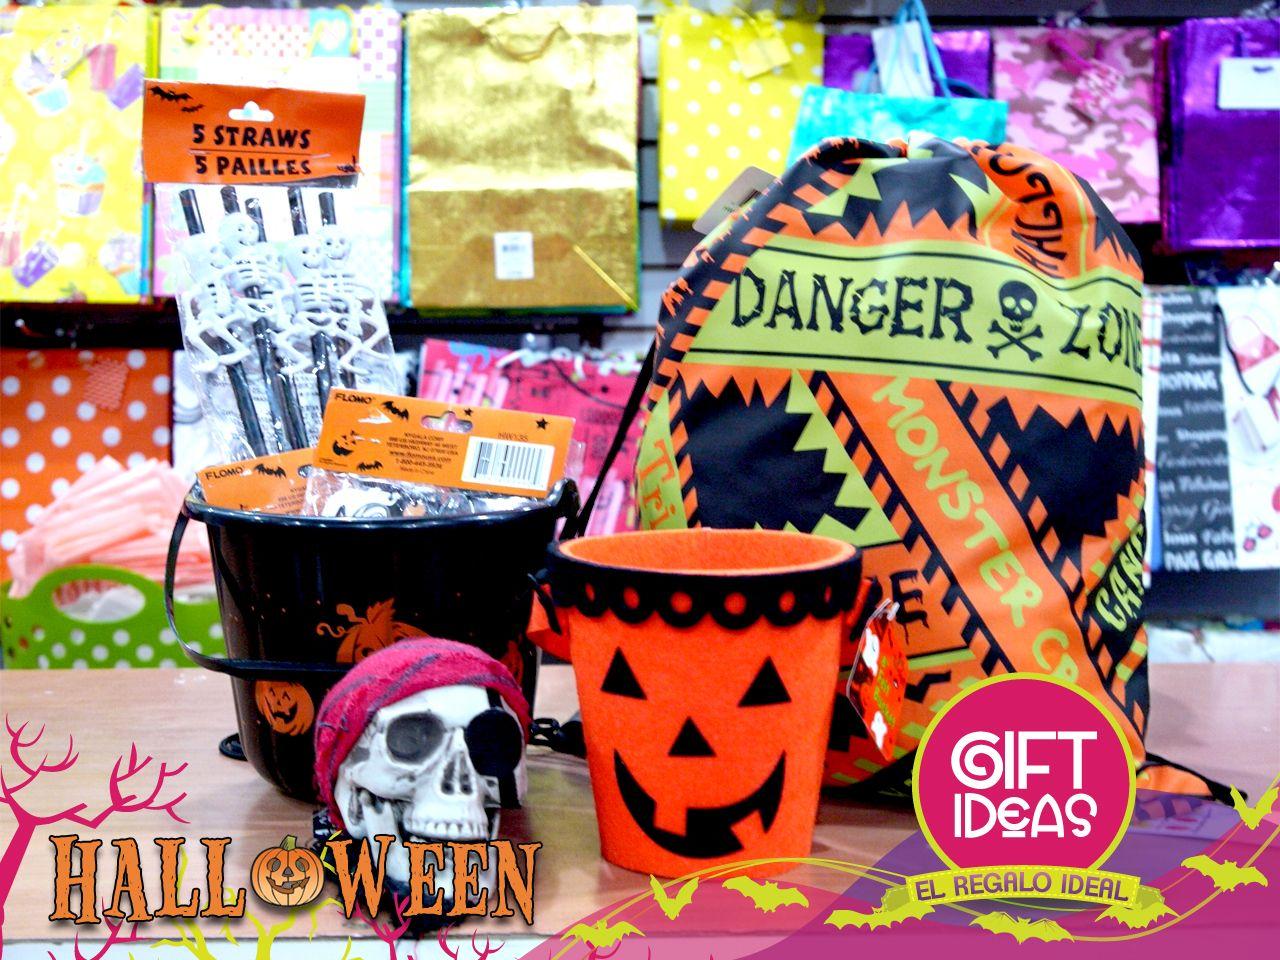 ¡DANGER! #Halloween está súper cerca y necesitas tener el artículo ideal para asistir a esa fiesta. ¡No lo pienses más y visita nuestras tiendas! Encontrarás cosas geniales para decorar, y también para complementar tu disfraz para esa esperada Noche de Brujas ¡Te esperamos!